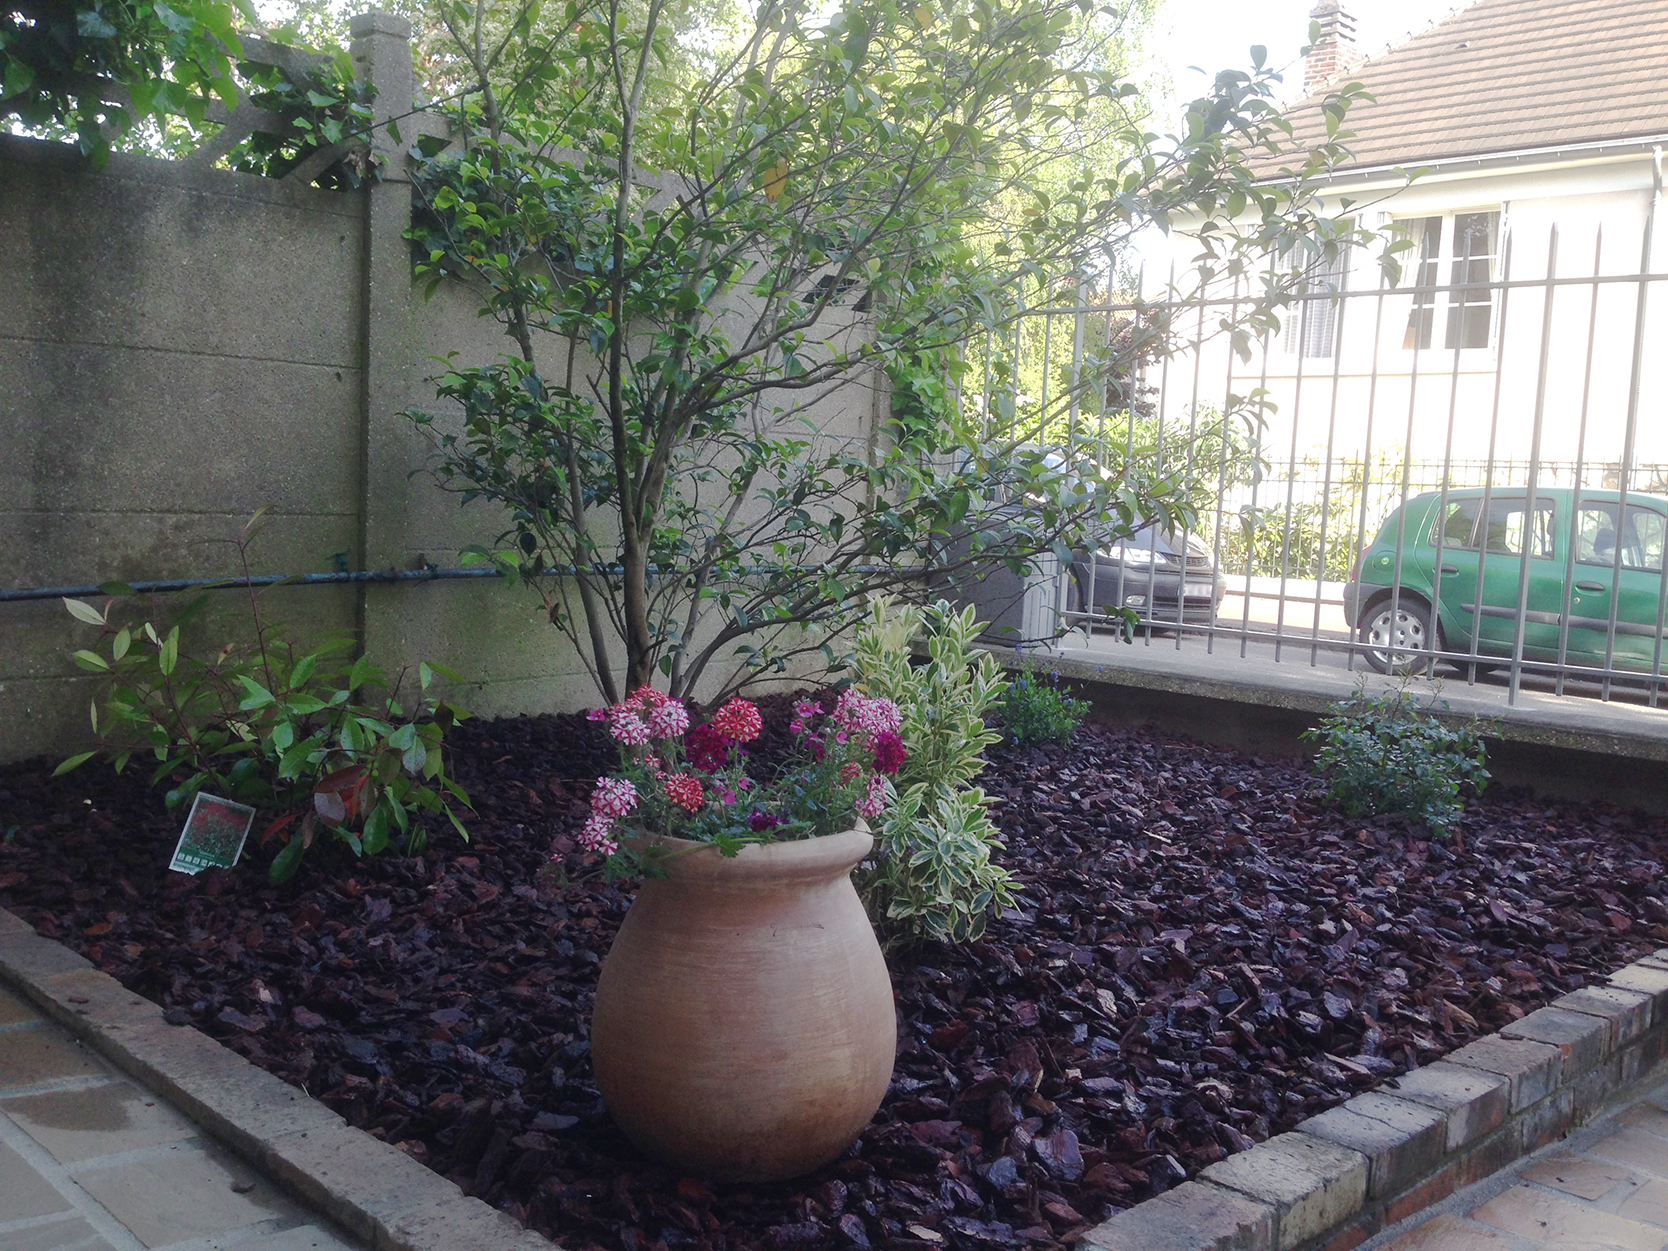 Entretien jardins 94 aidlib 39 multiservices espaces verts for Entretien espace vert particulier